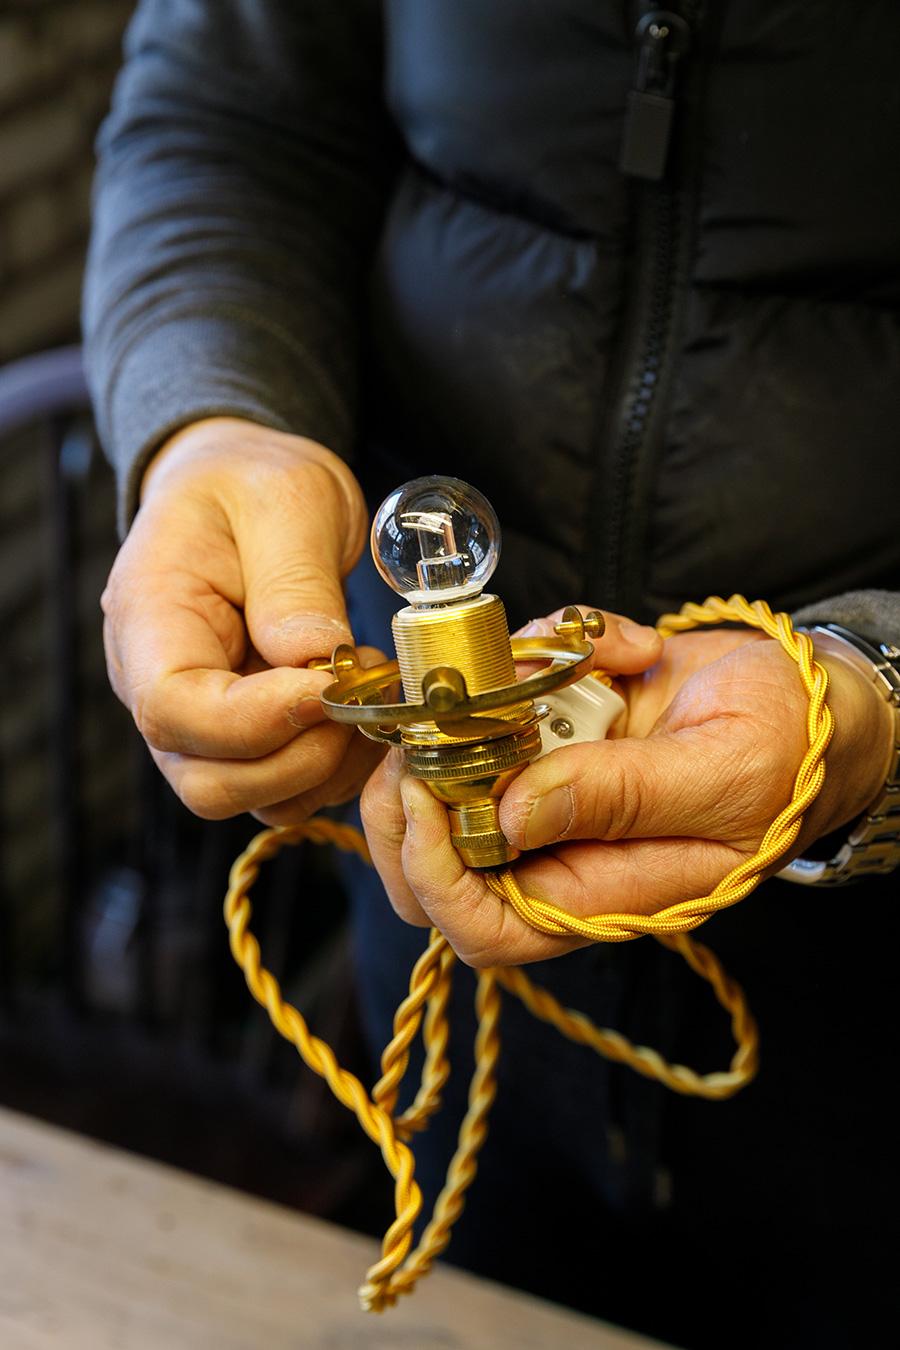 ③最後に、ホルダーのついたソケットをフラスコにセットする。ネジを締めてソケットとフラスコを固定する。